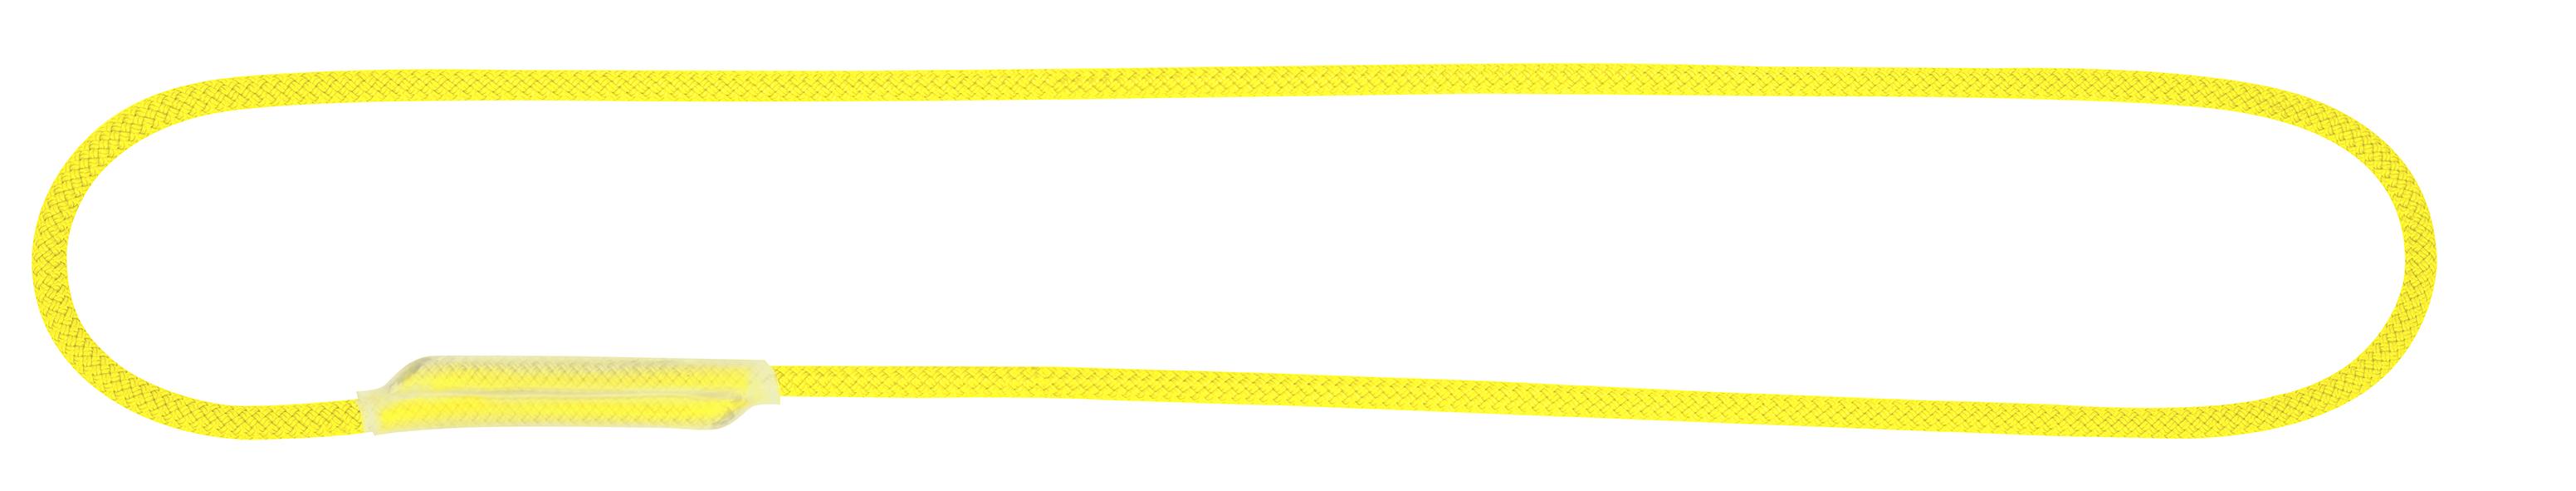 Beal Dynaloop - 60 cm - Anneau de corde dynamique